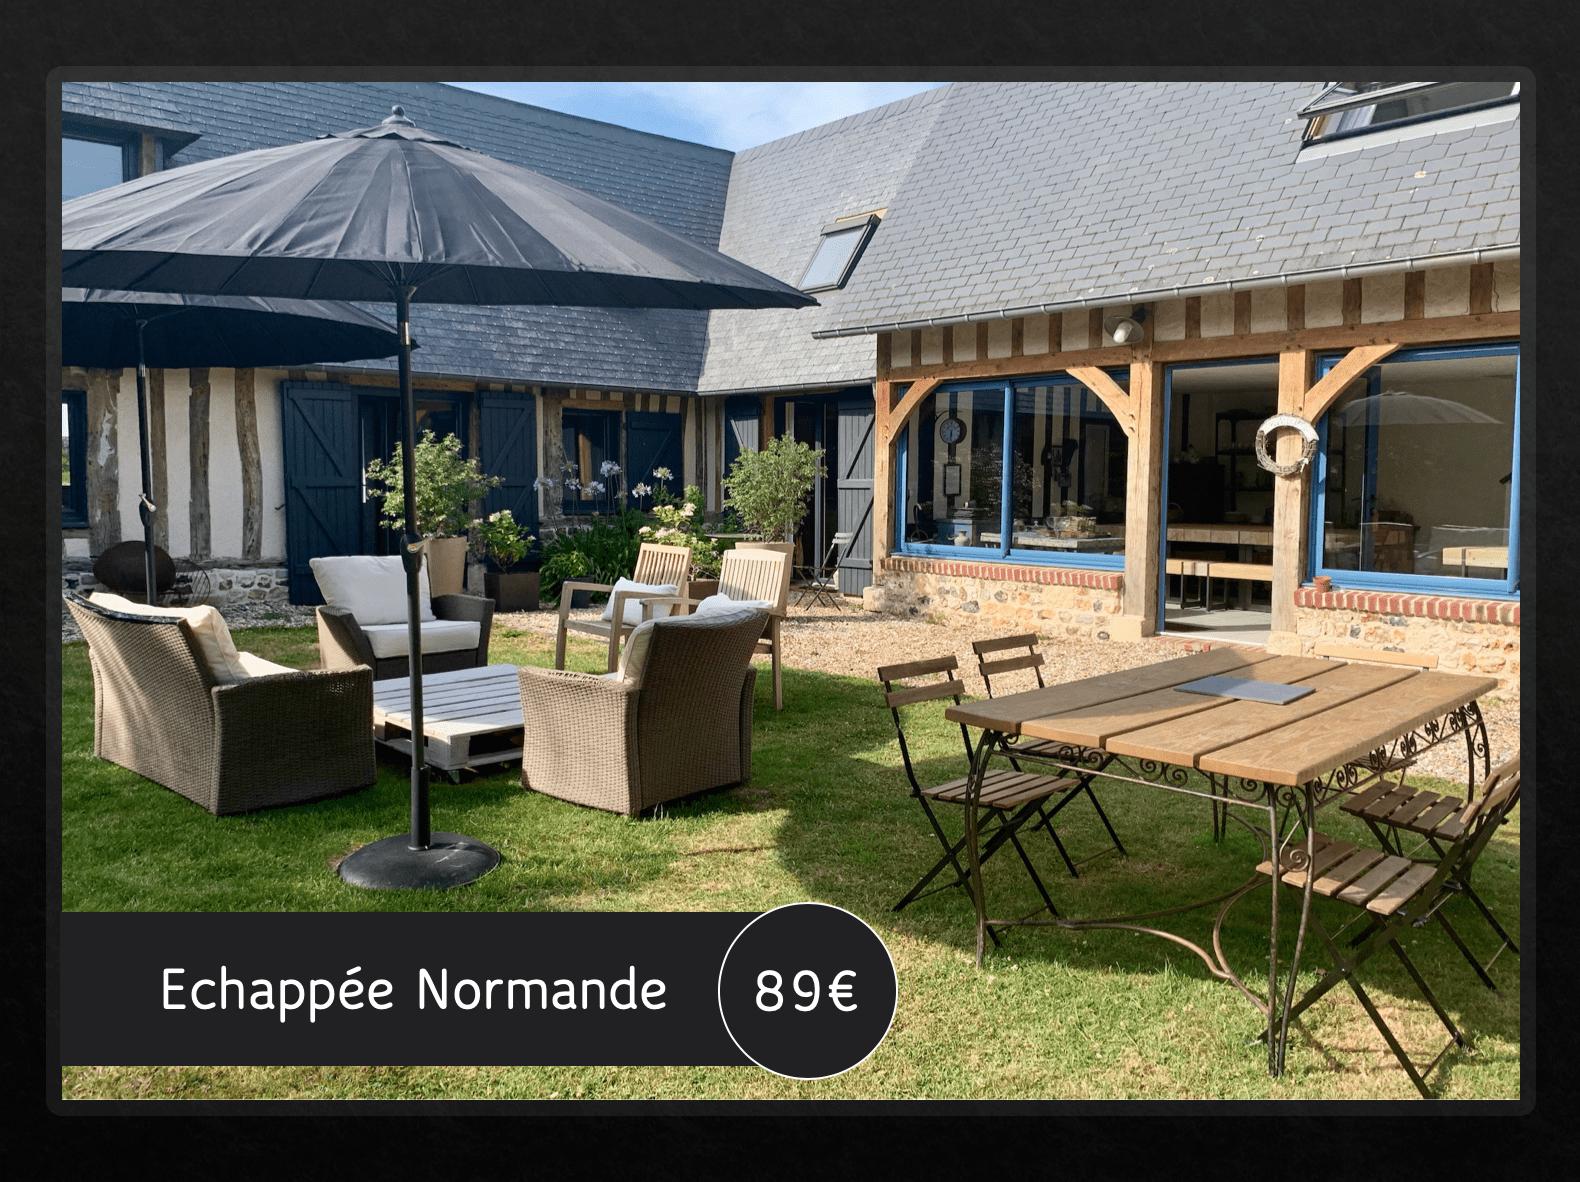 Echapée Normande 89 euros